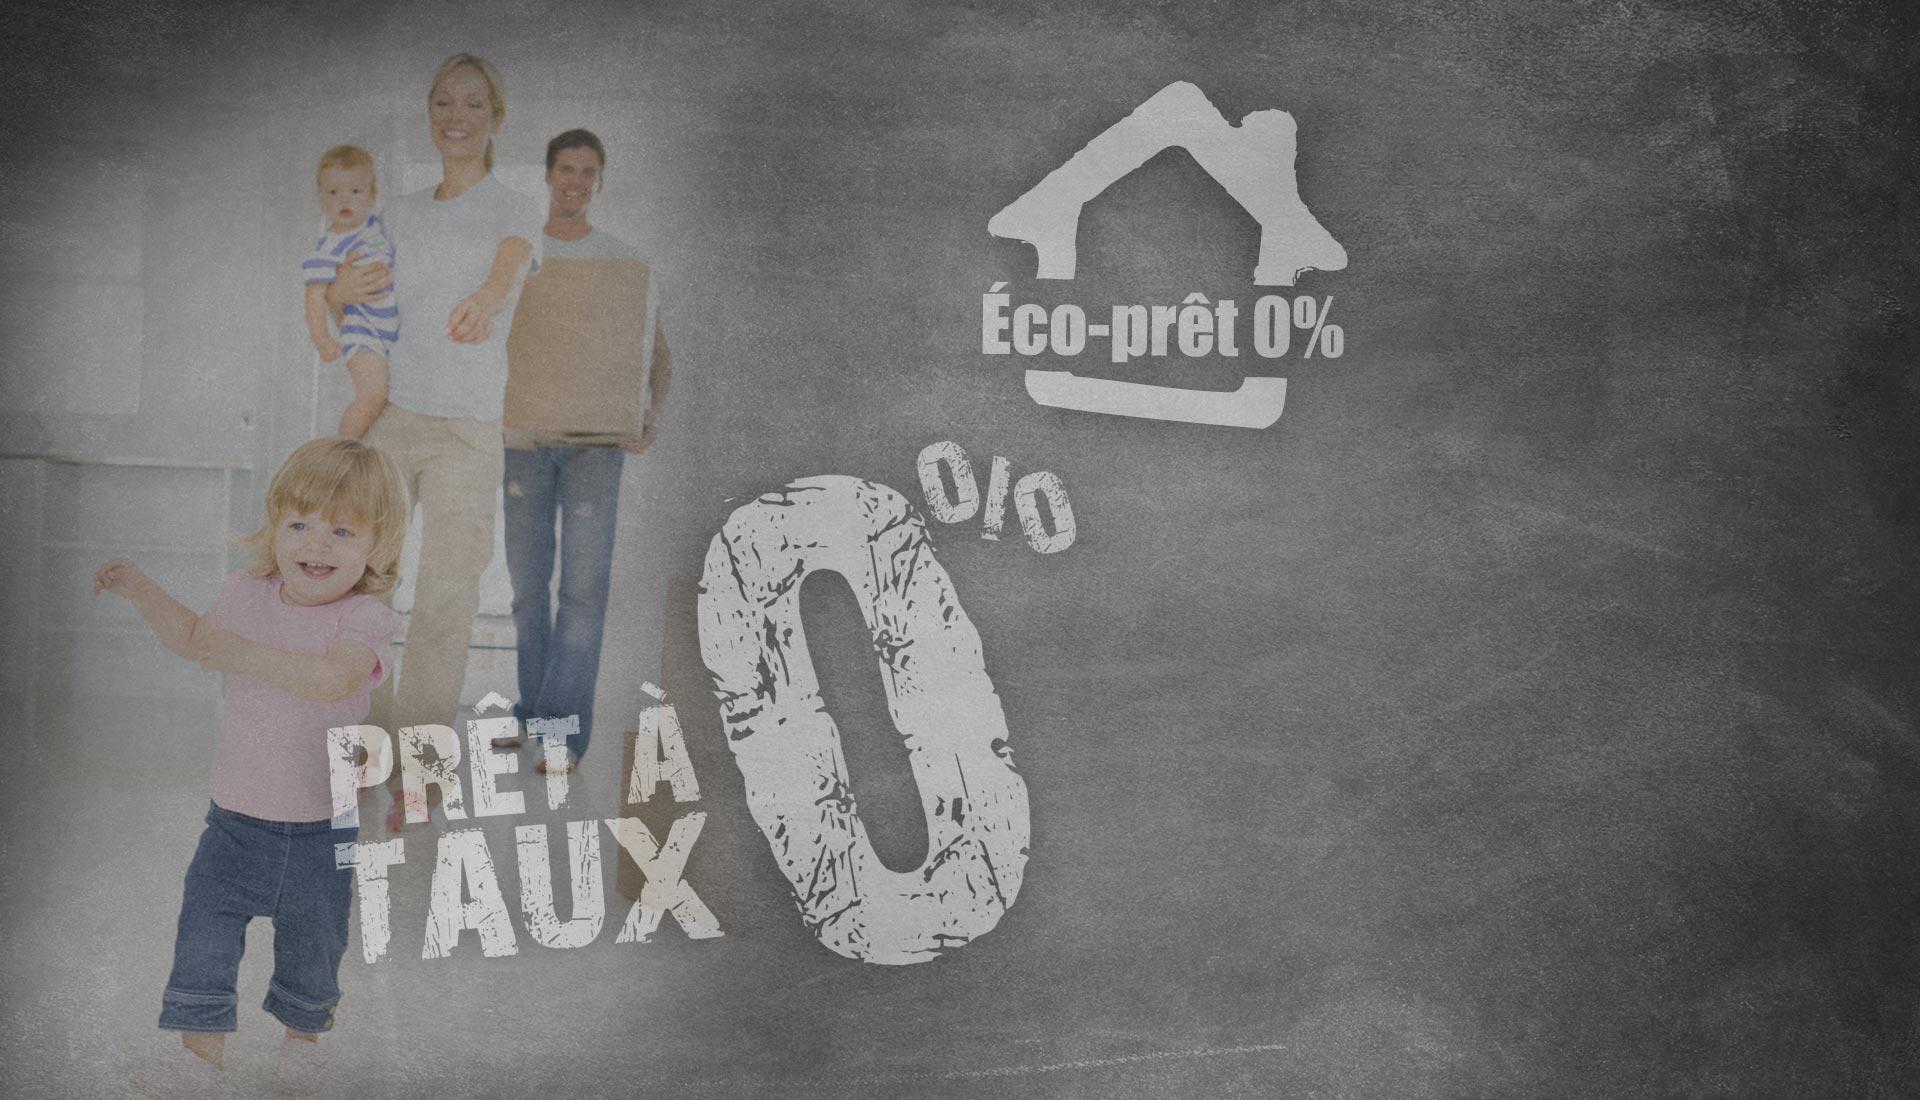 Prêt à taux 0% agence courtier en immobilier